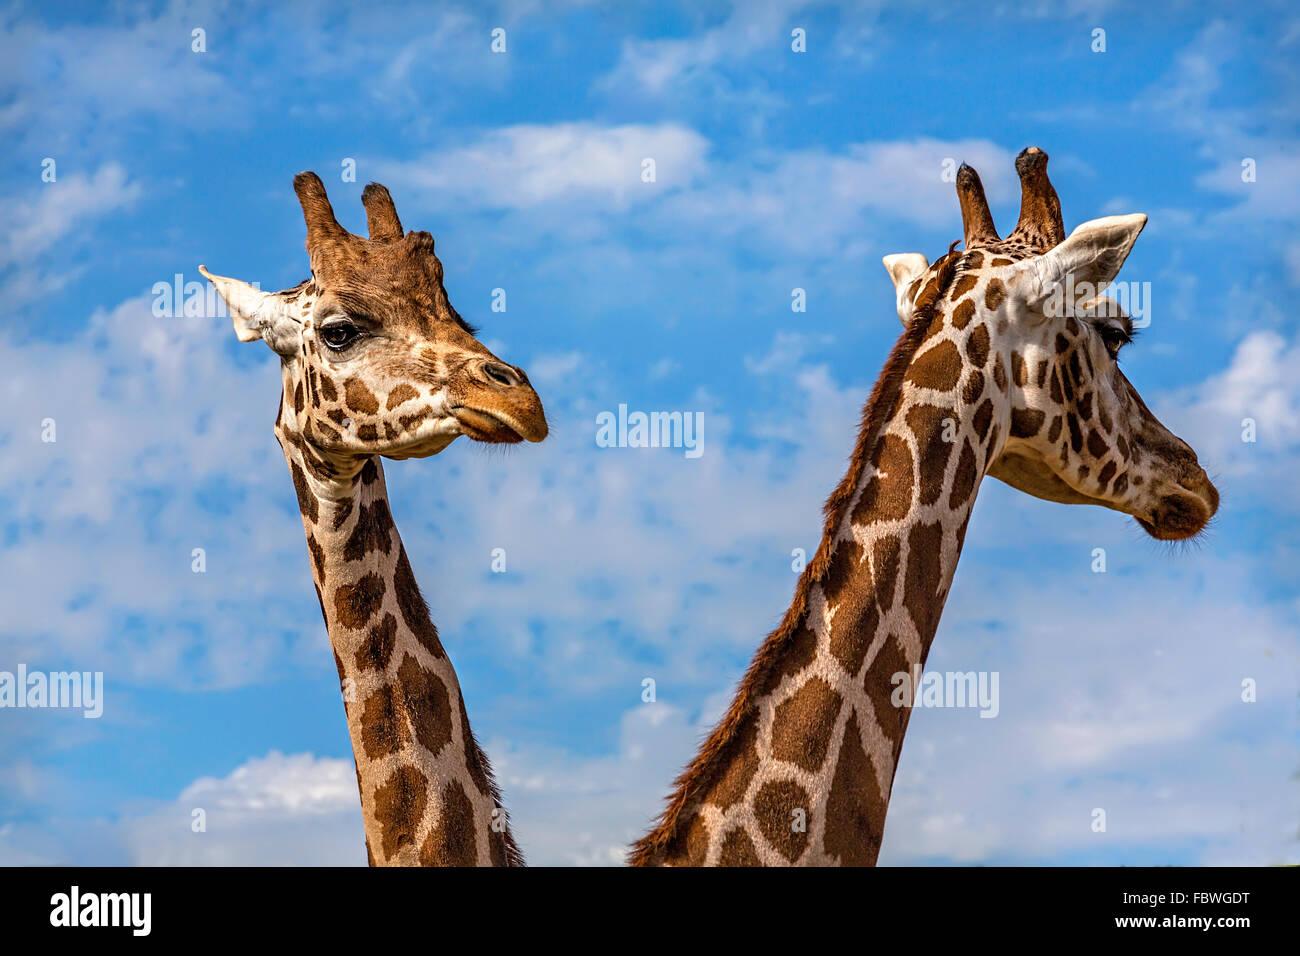 2 giraffe heads - Stock Image